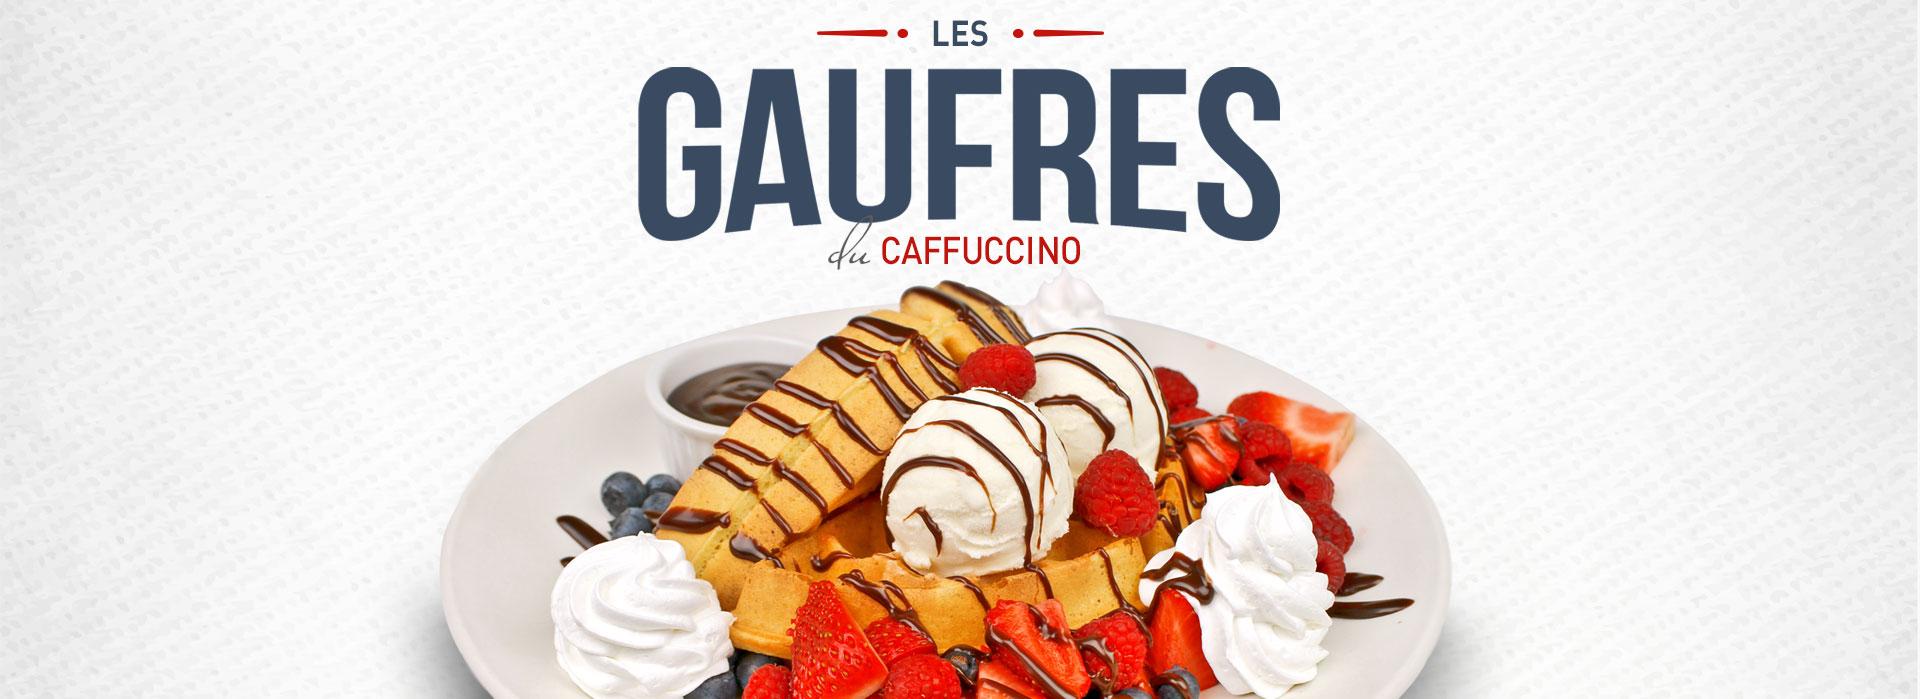 Caffuccino - Les Gaufres